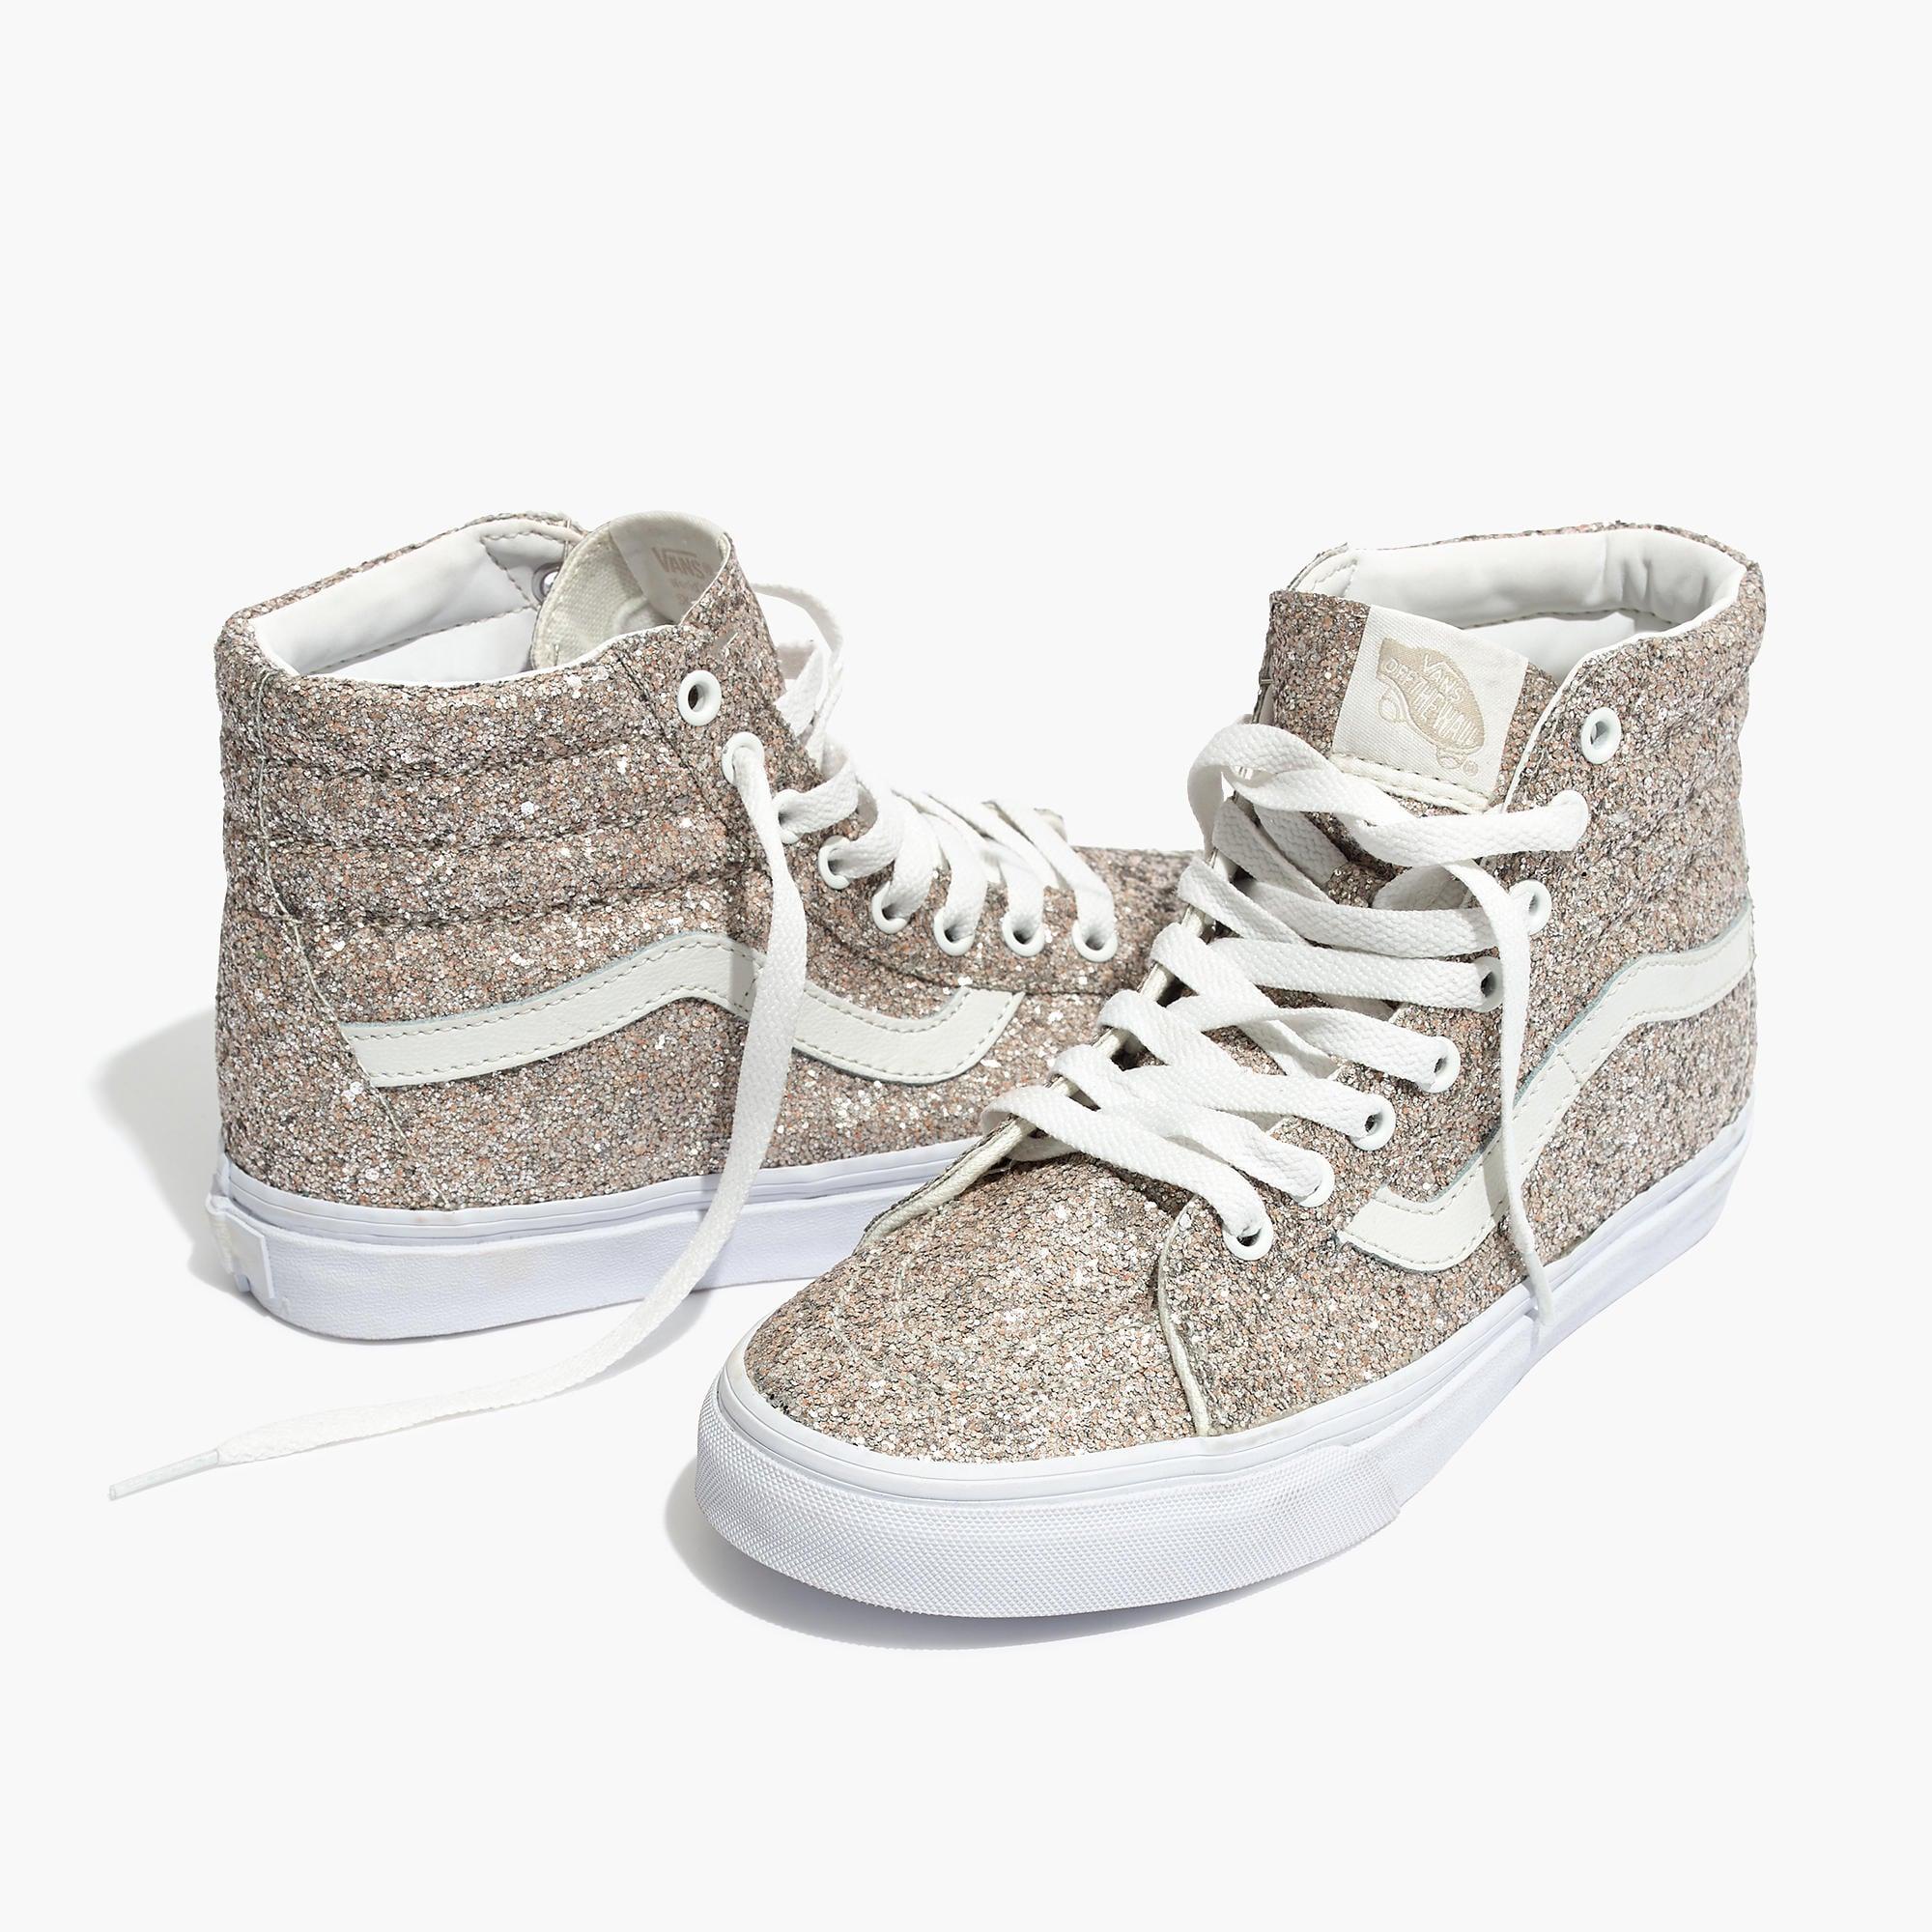 glitter sk8 hi high top vans sneakers popsugar fashion. Black Bedroom Furniture Sets. Home Design Ideas